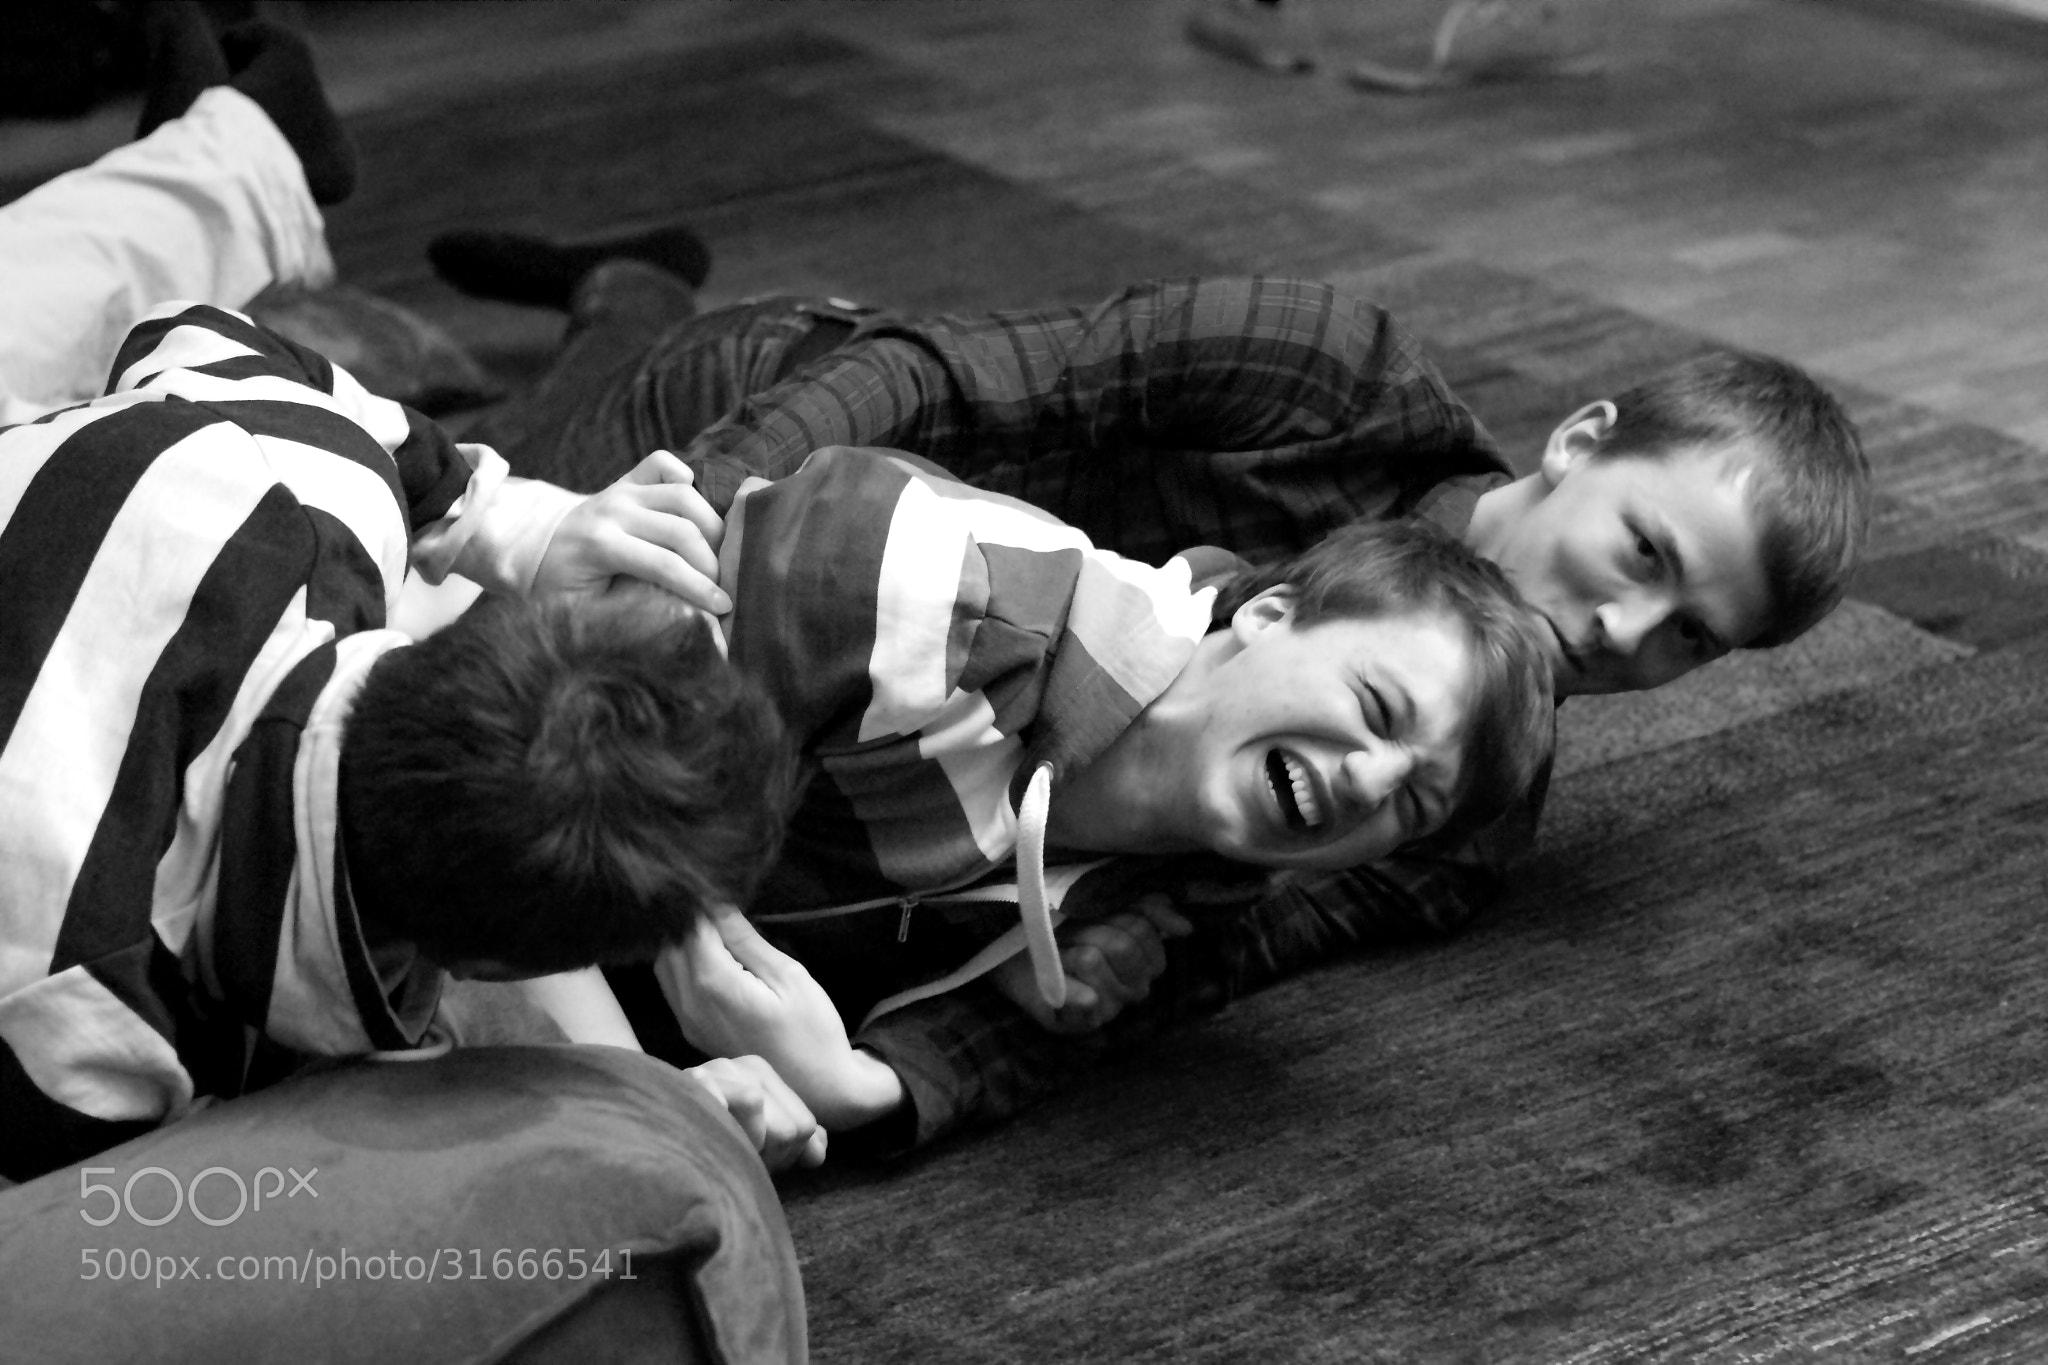 Photograph Rangeln ist mehr als eine Bewegung by theonlyheinrich on 500px